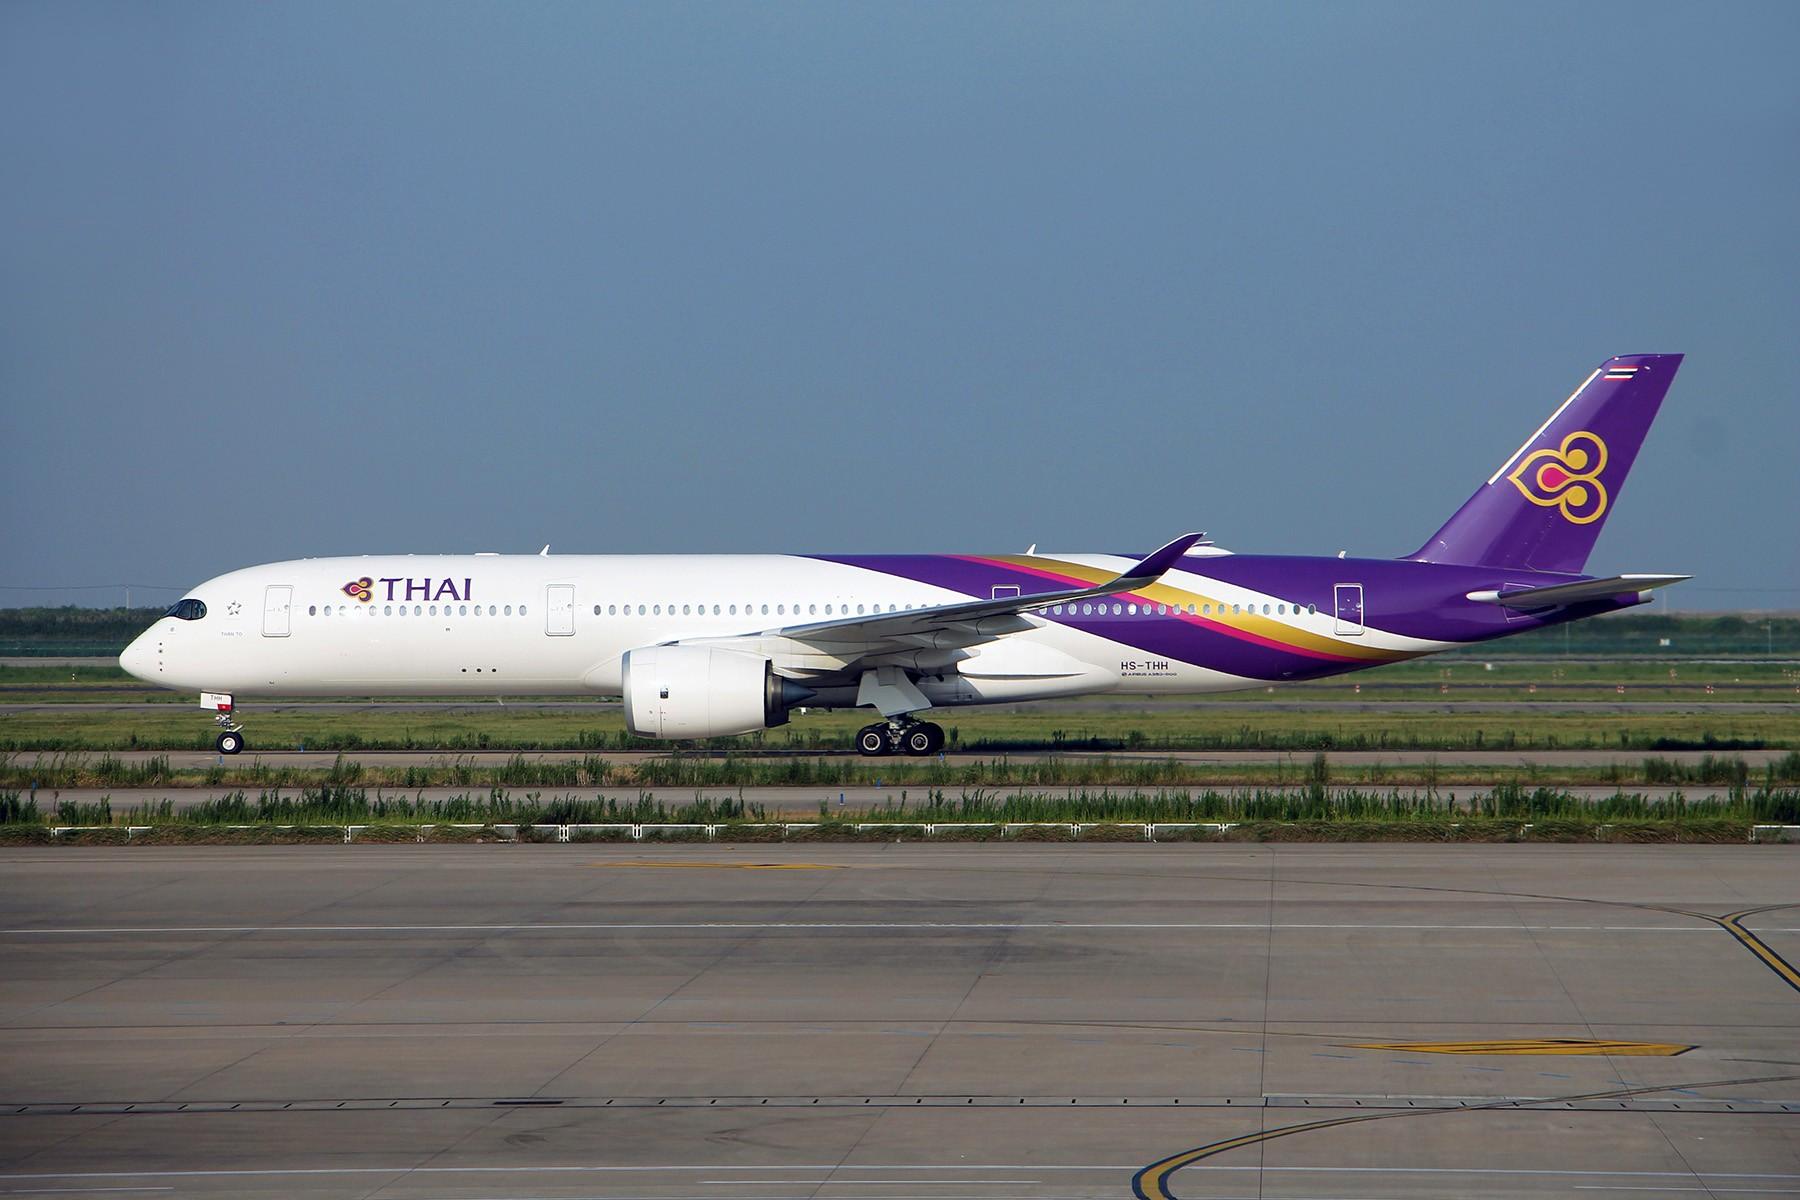 【PVG】【WUH】上海浦东--武汉天河 看遍浦东下午场和天河中午场 AIRBUS A350-900 HS-THH 上海浦东国际机场